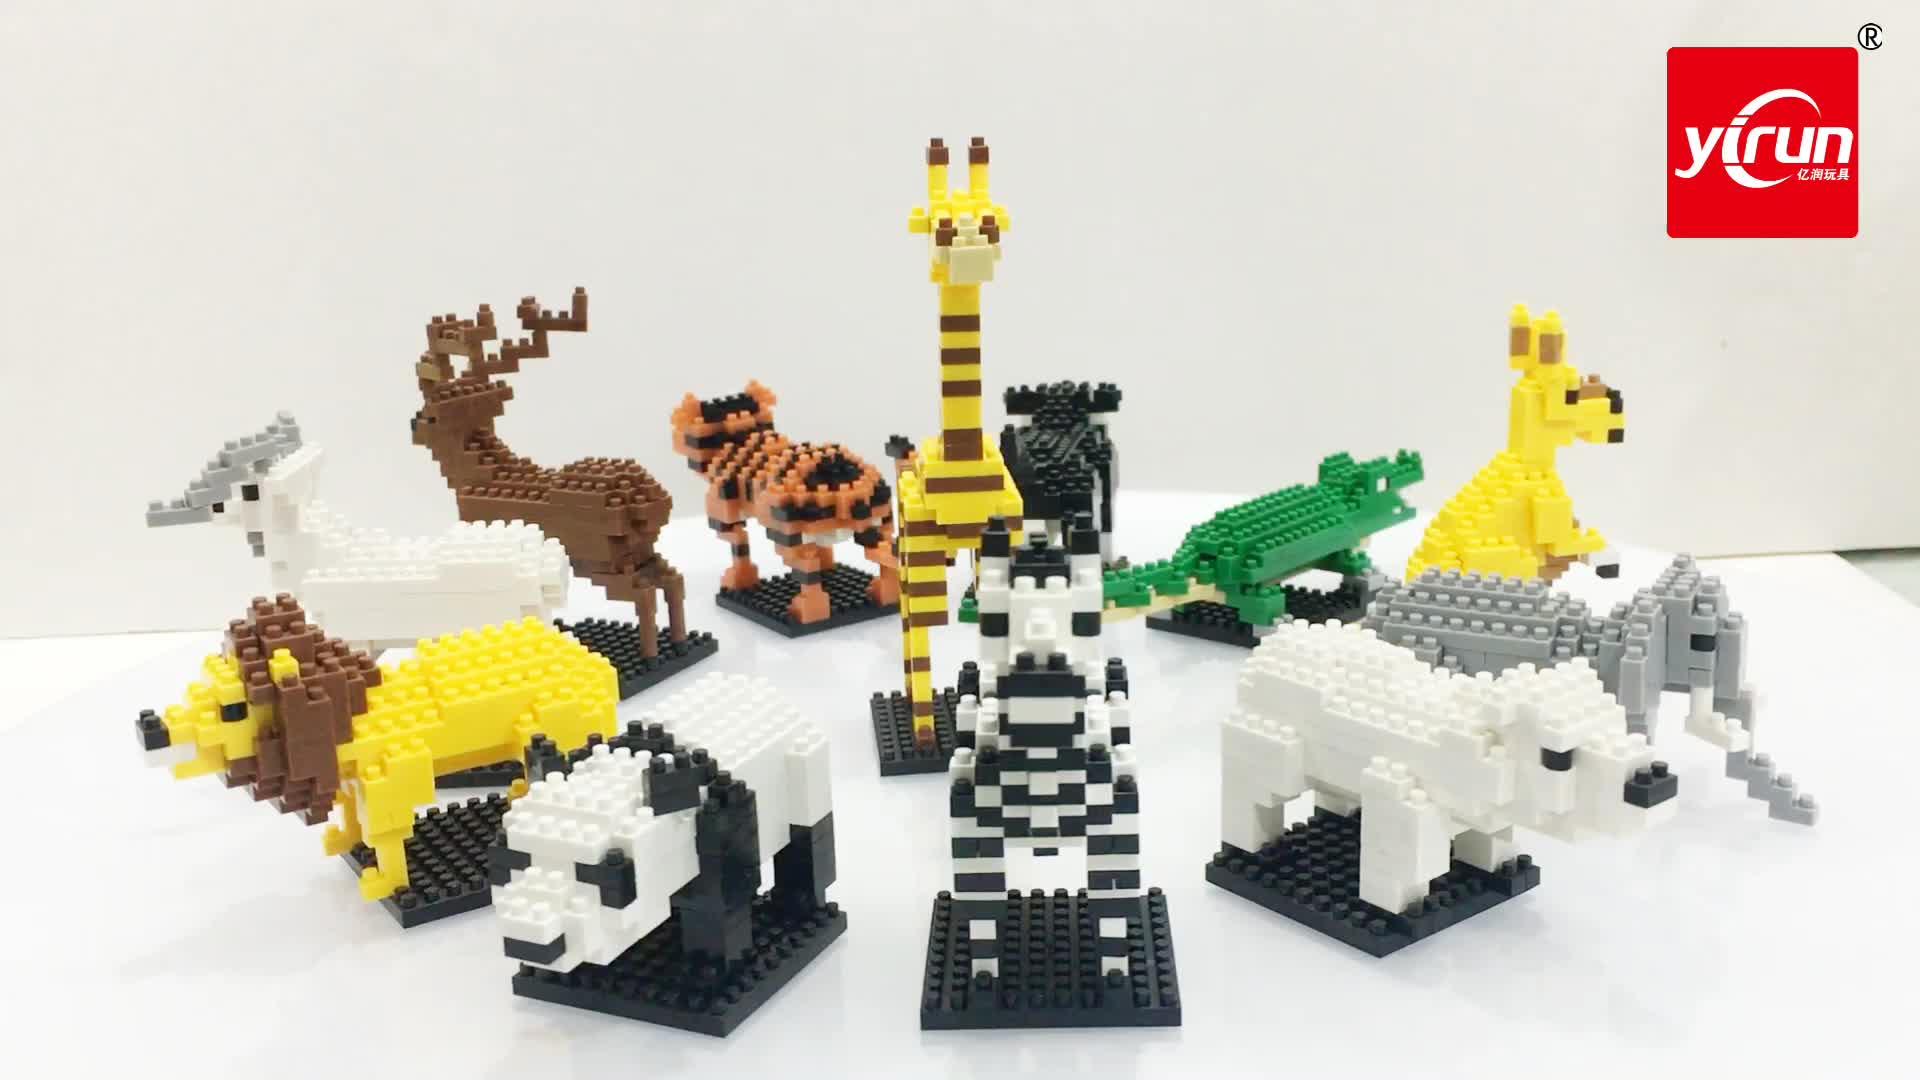 Kinderen speelgoed nanoblock aansluiten dieren speelgoed mini kazi bouwsteen voor kinderen, nanoblock groothandel, eco bouwsteen